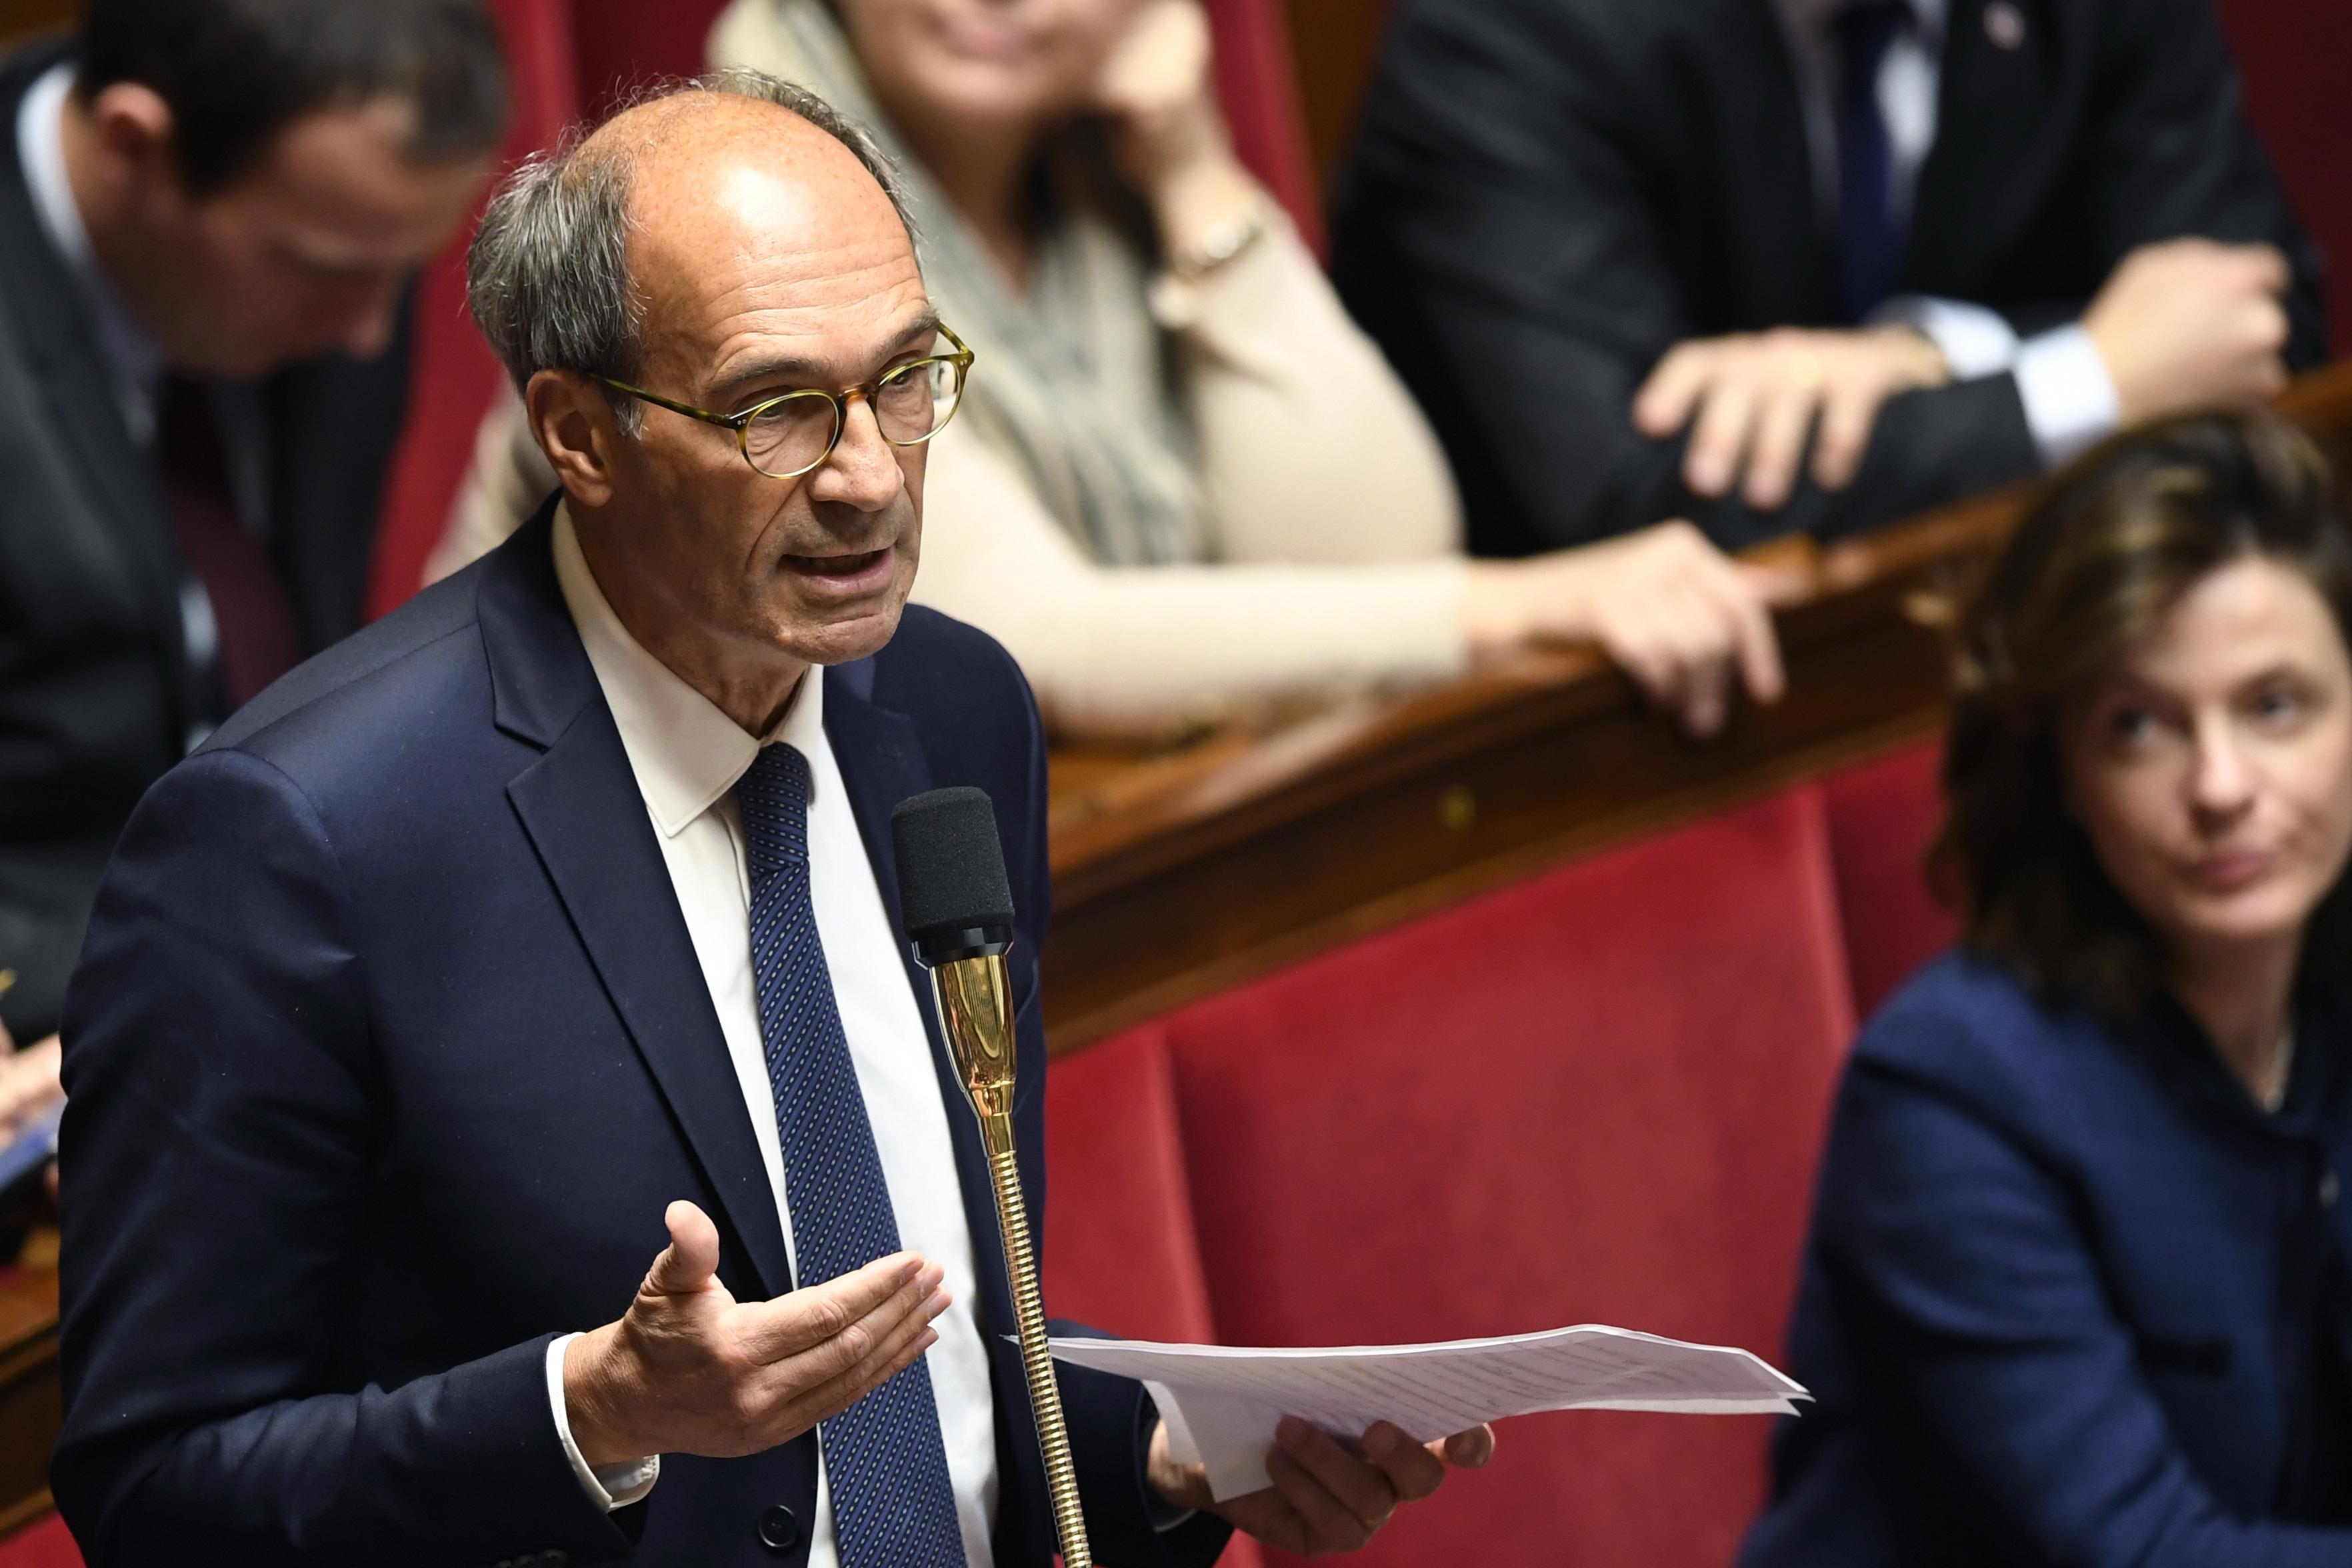 Retraites: LR ne votera pas le texte «sans savoir comment il va être financé», prévient Éric Woerth